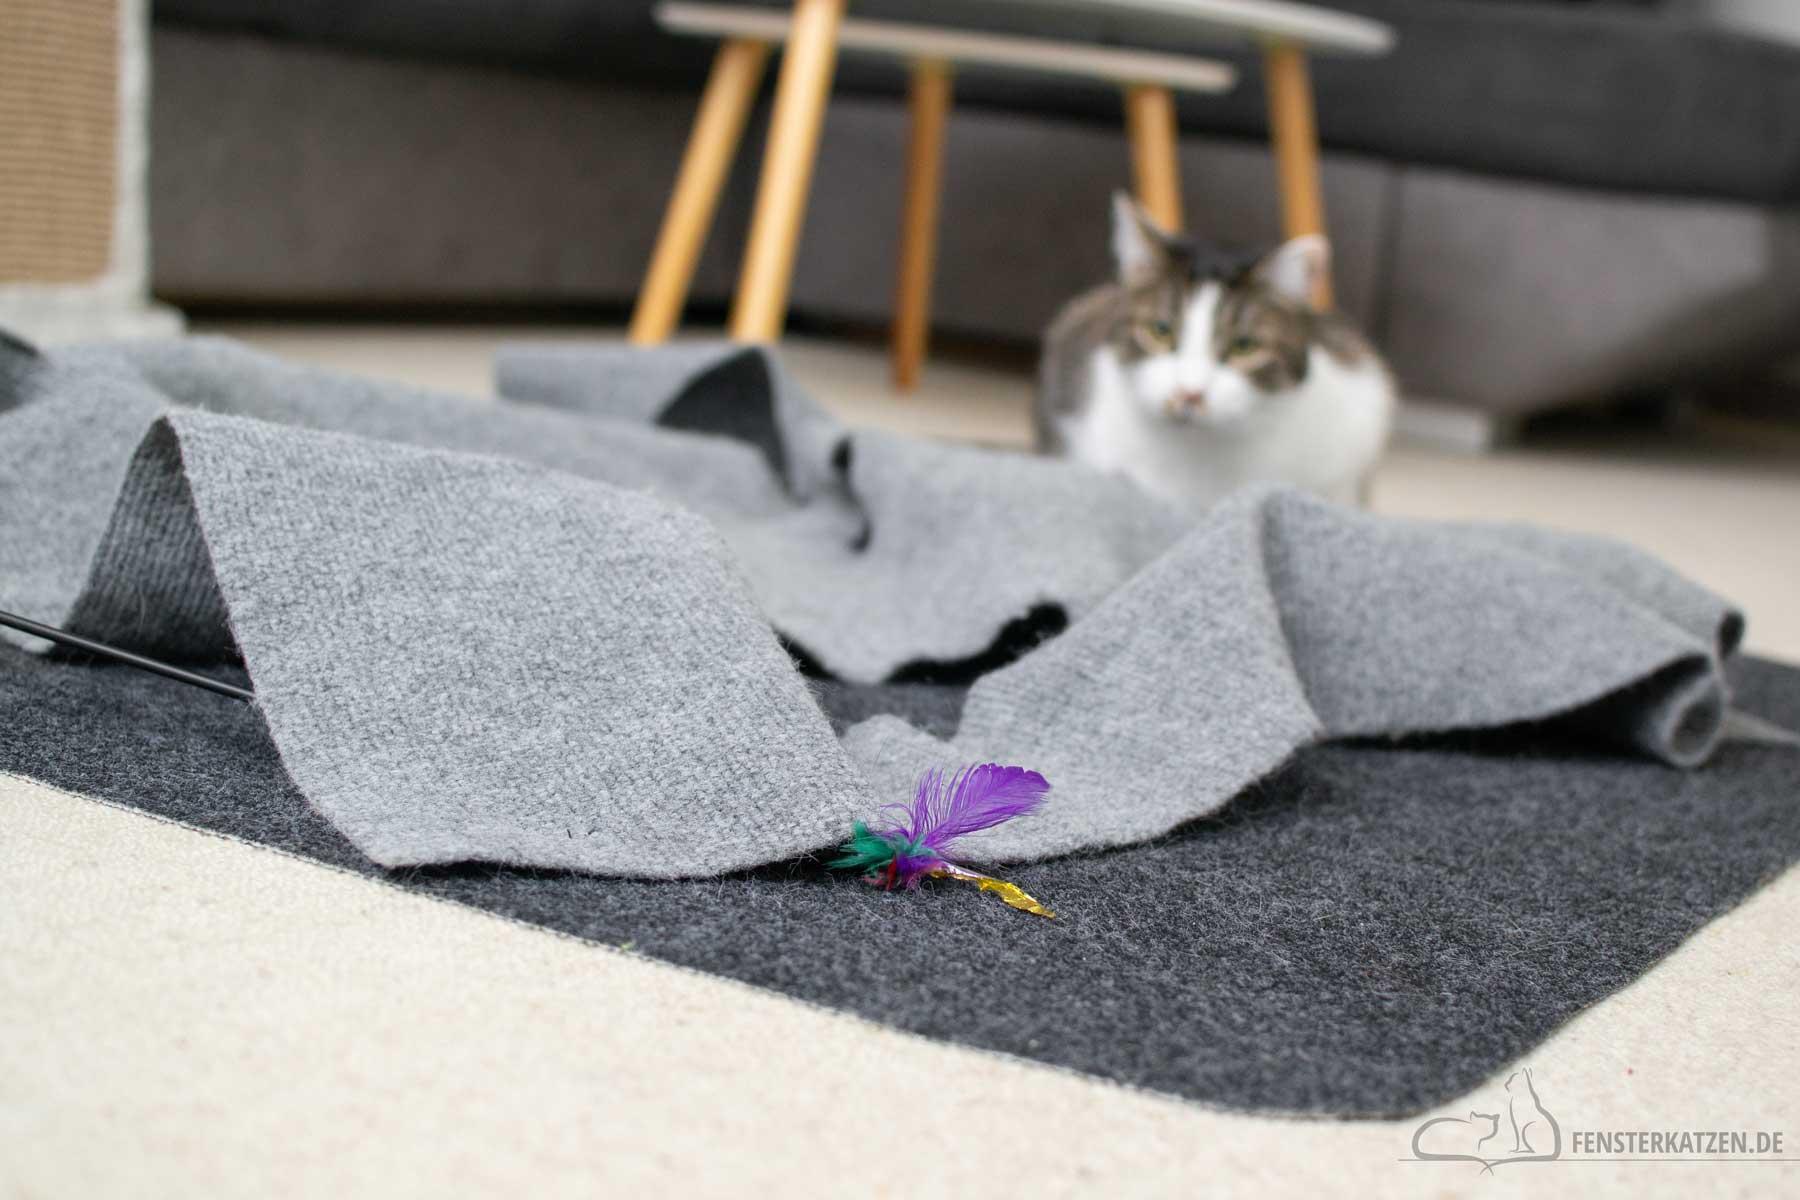 Fensterkatzen-Ratgeber-Wie-spielt-man-richtig-mit-Katzen-Katze-beobachtet-1